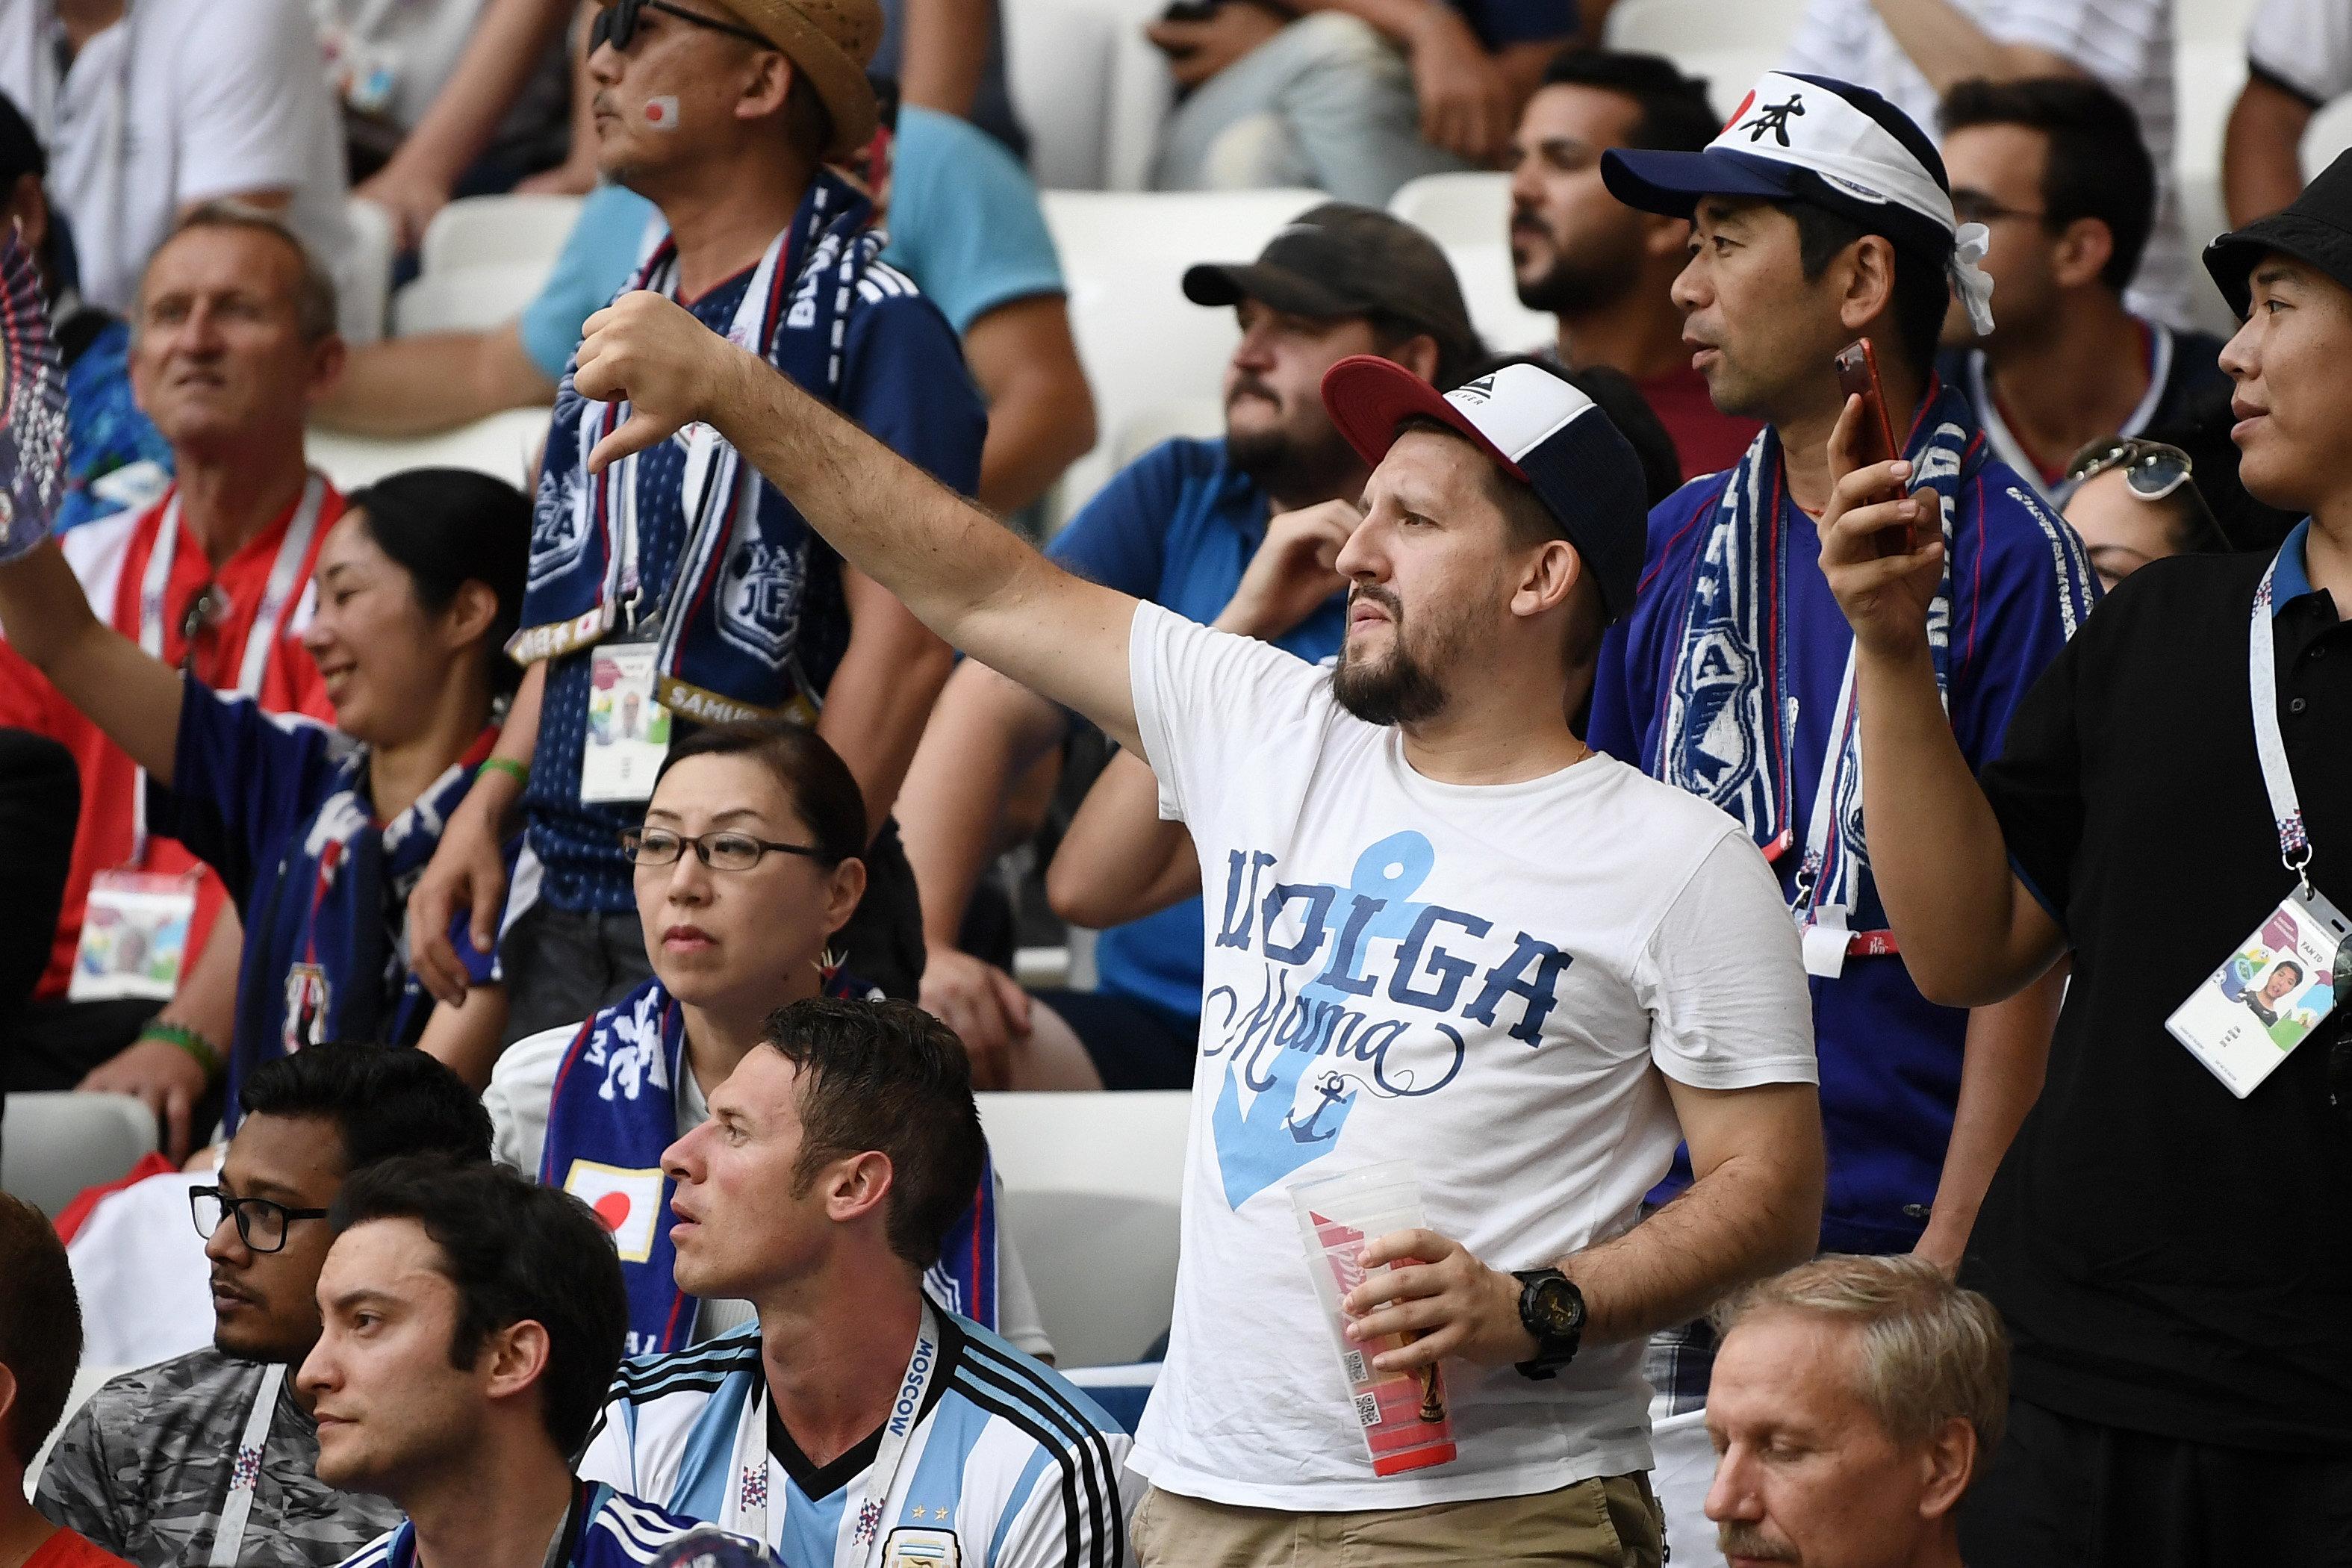 일본 축구를 향해 야유가 쏟아지고 있다